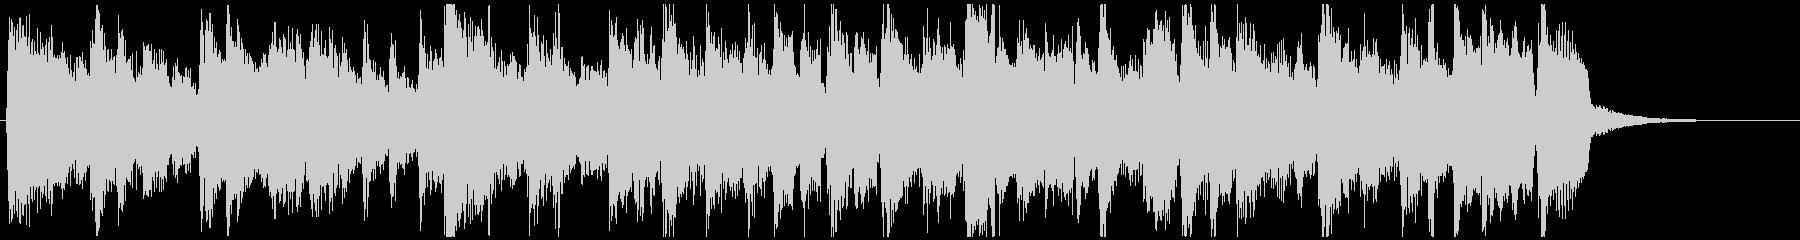 15秒CM向け、凛々しいサックスボサノバの未再生の波形